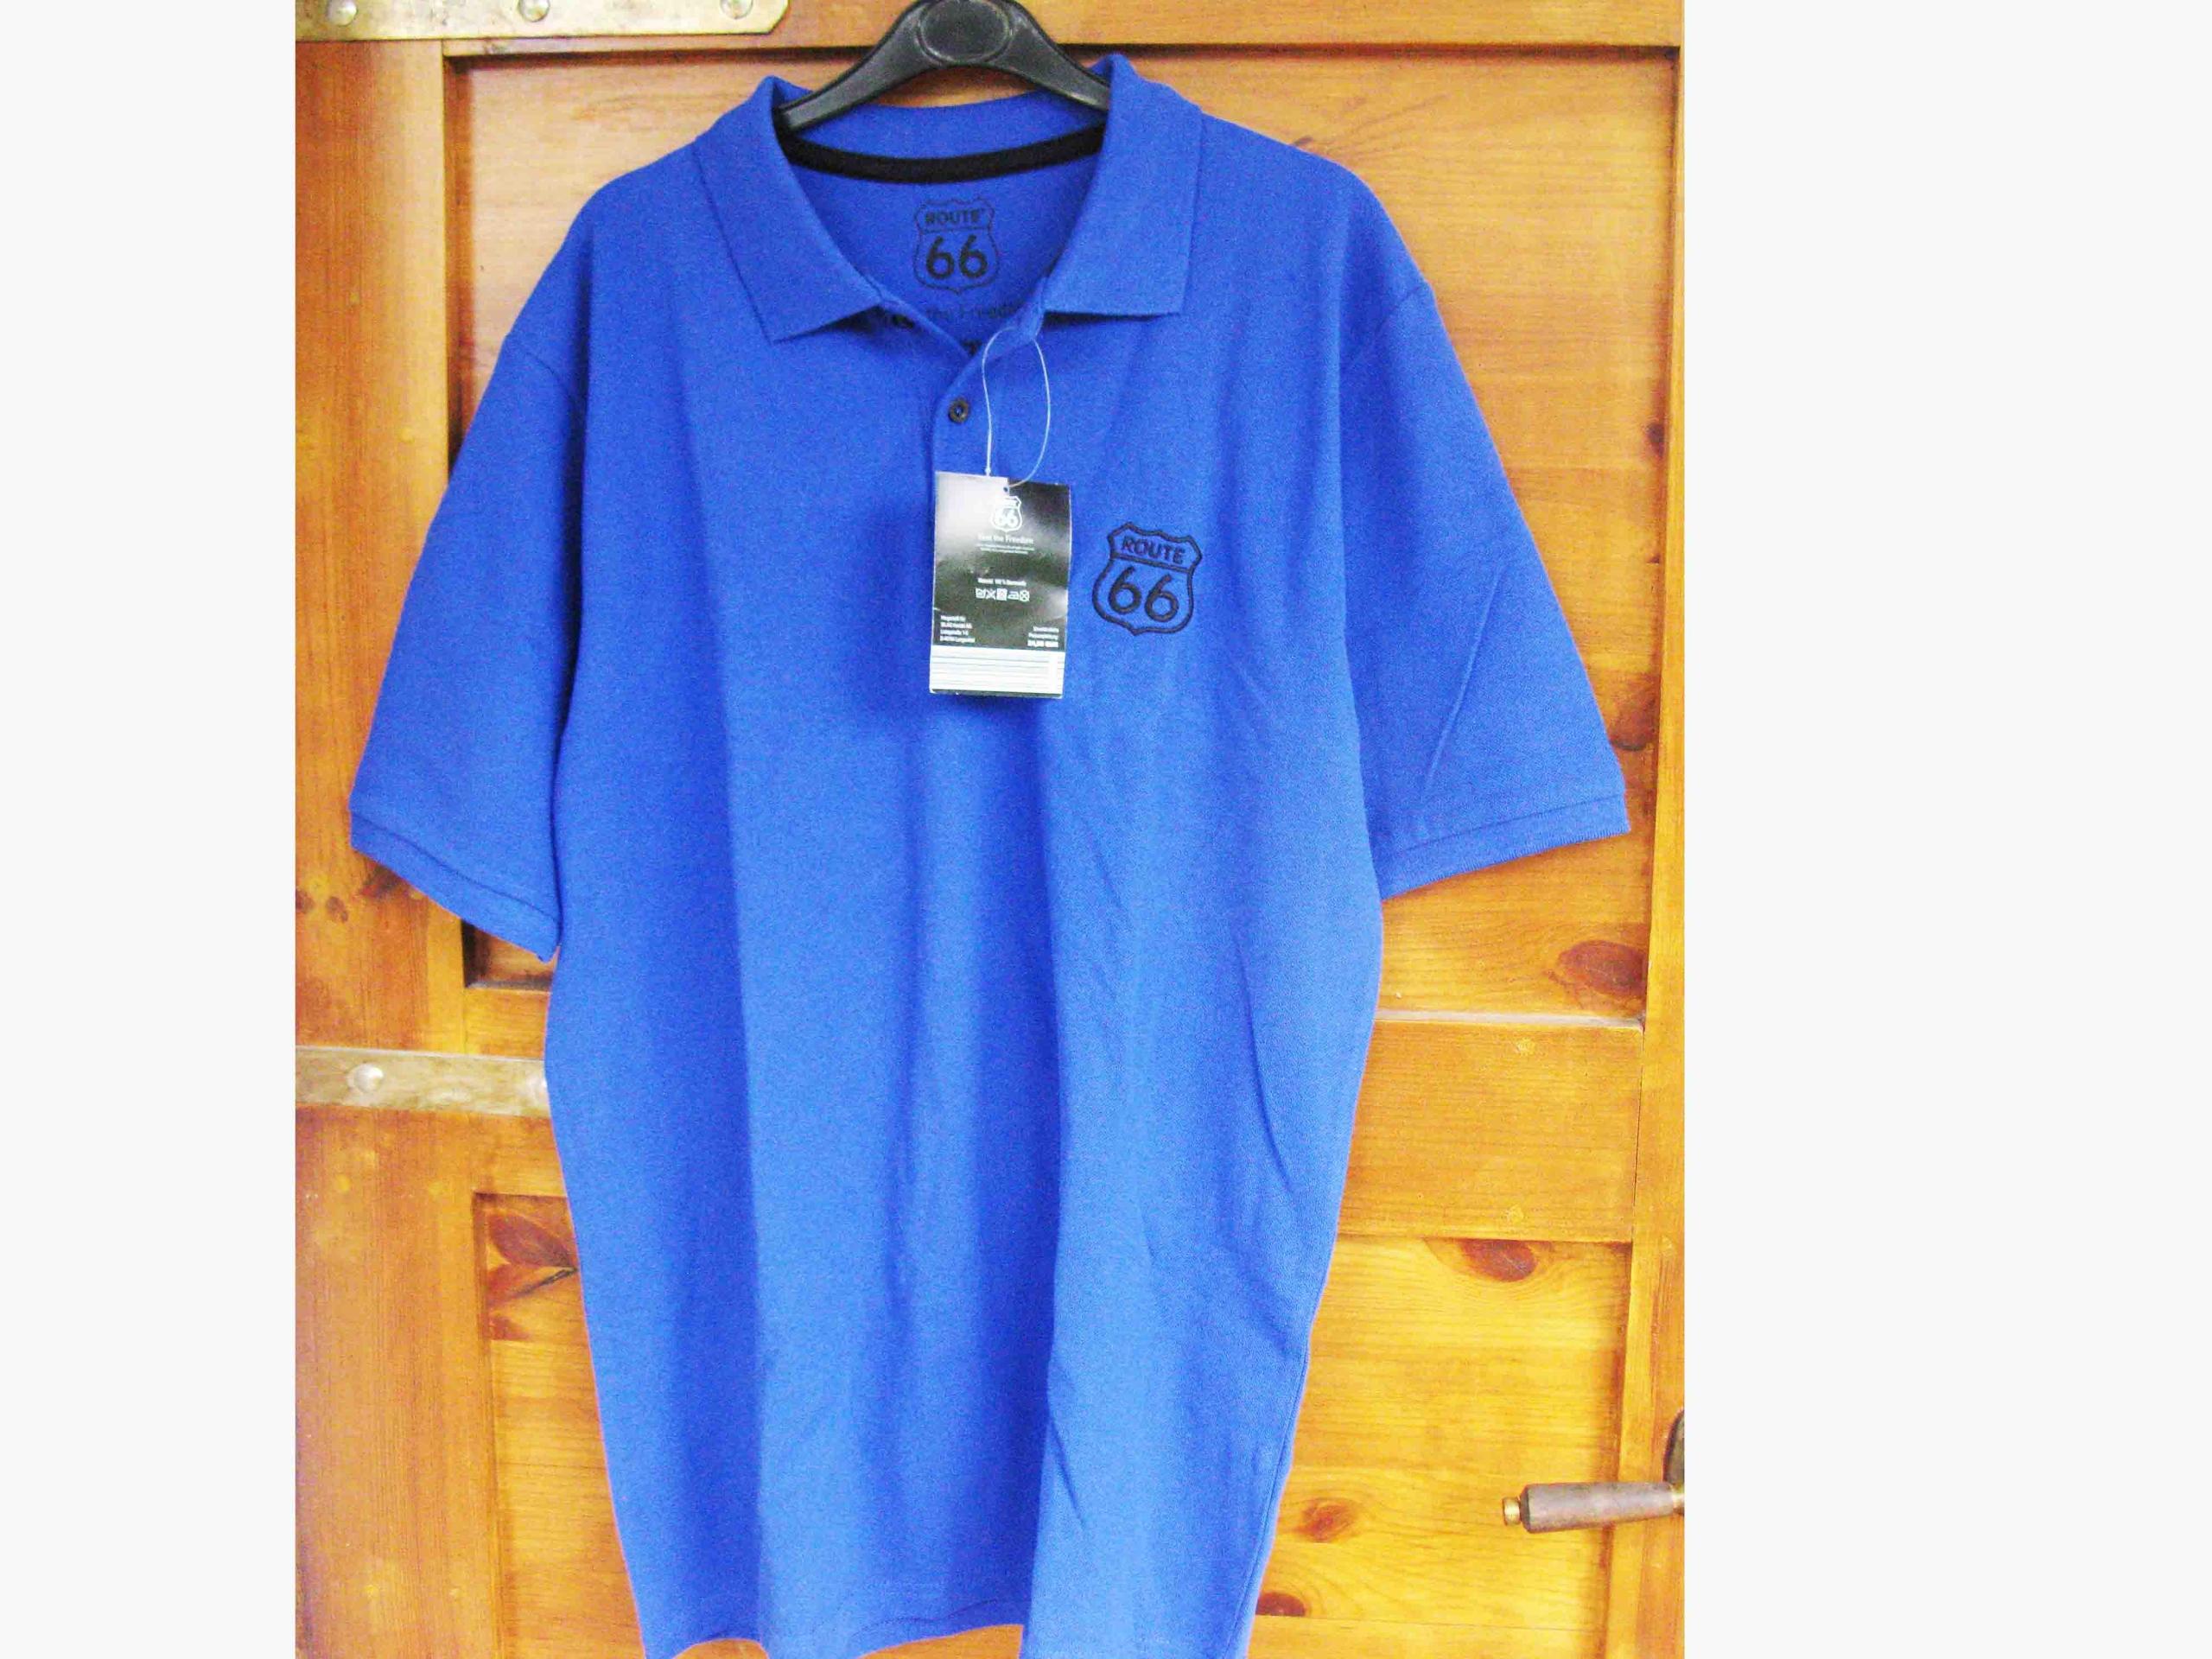 Koszulka POLO ROUTE 66 - granatowa bawełna NOWA!!